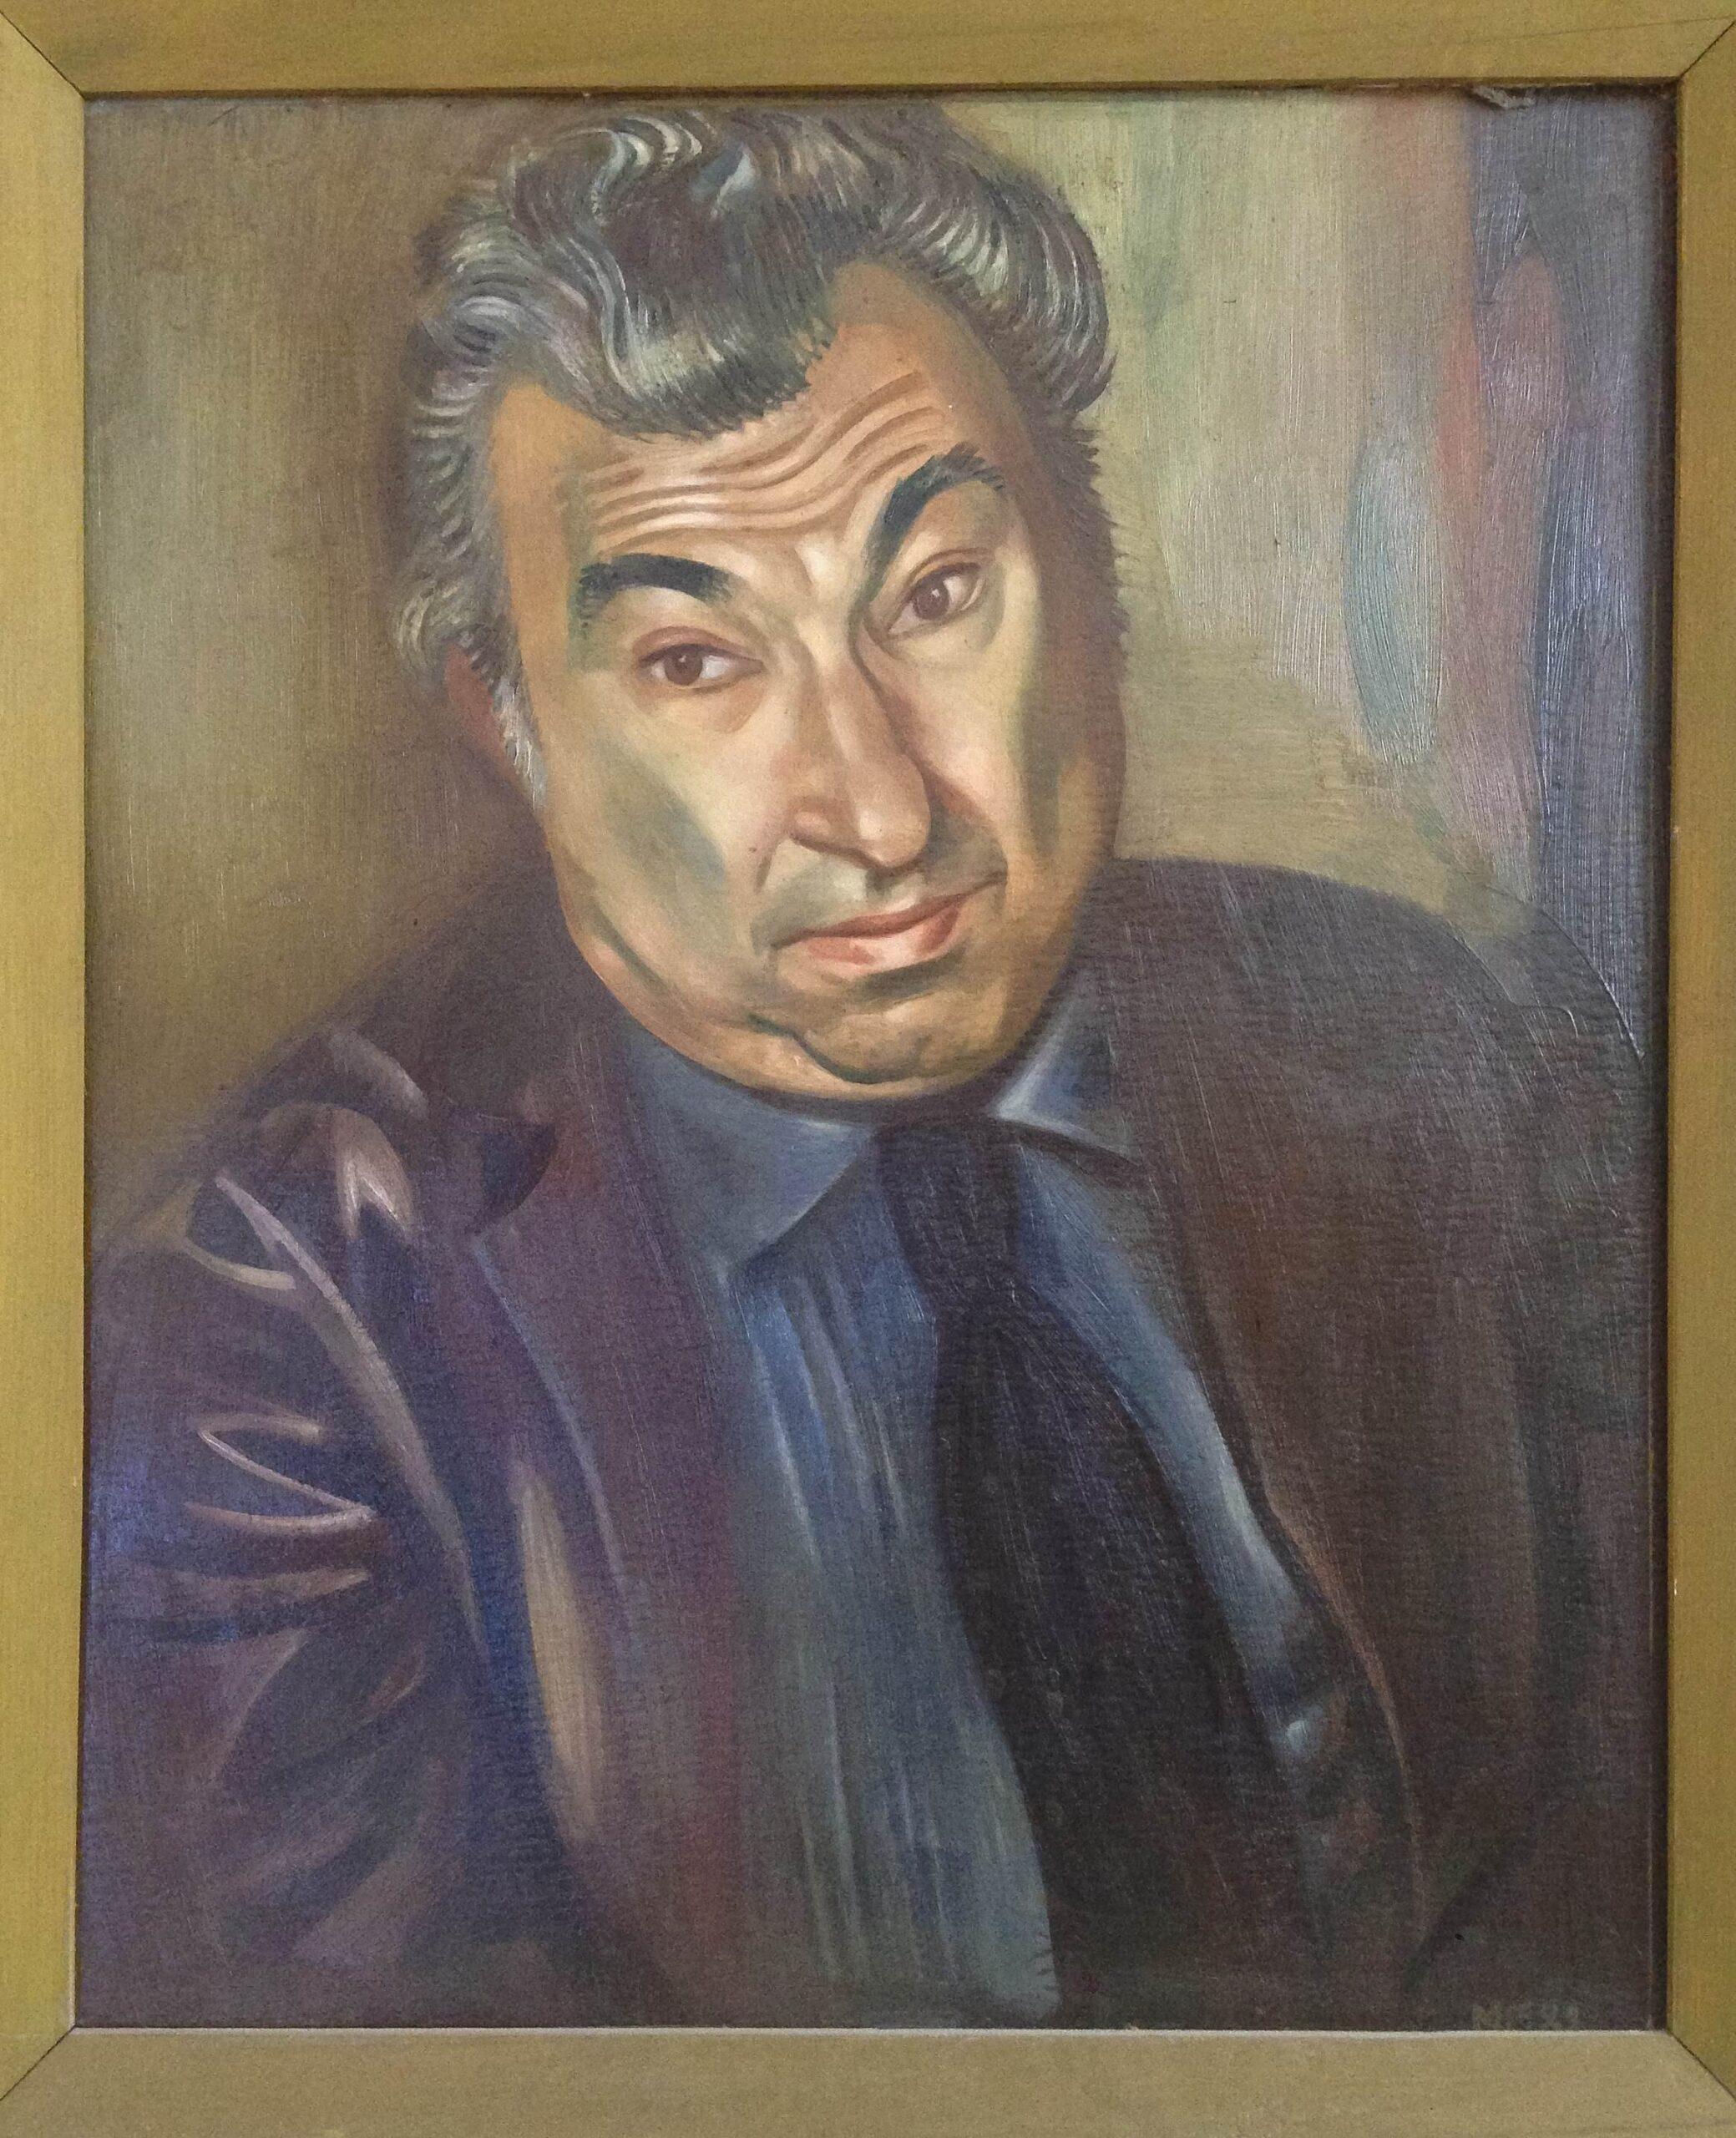 портрет живопись Лев Горелик